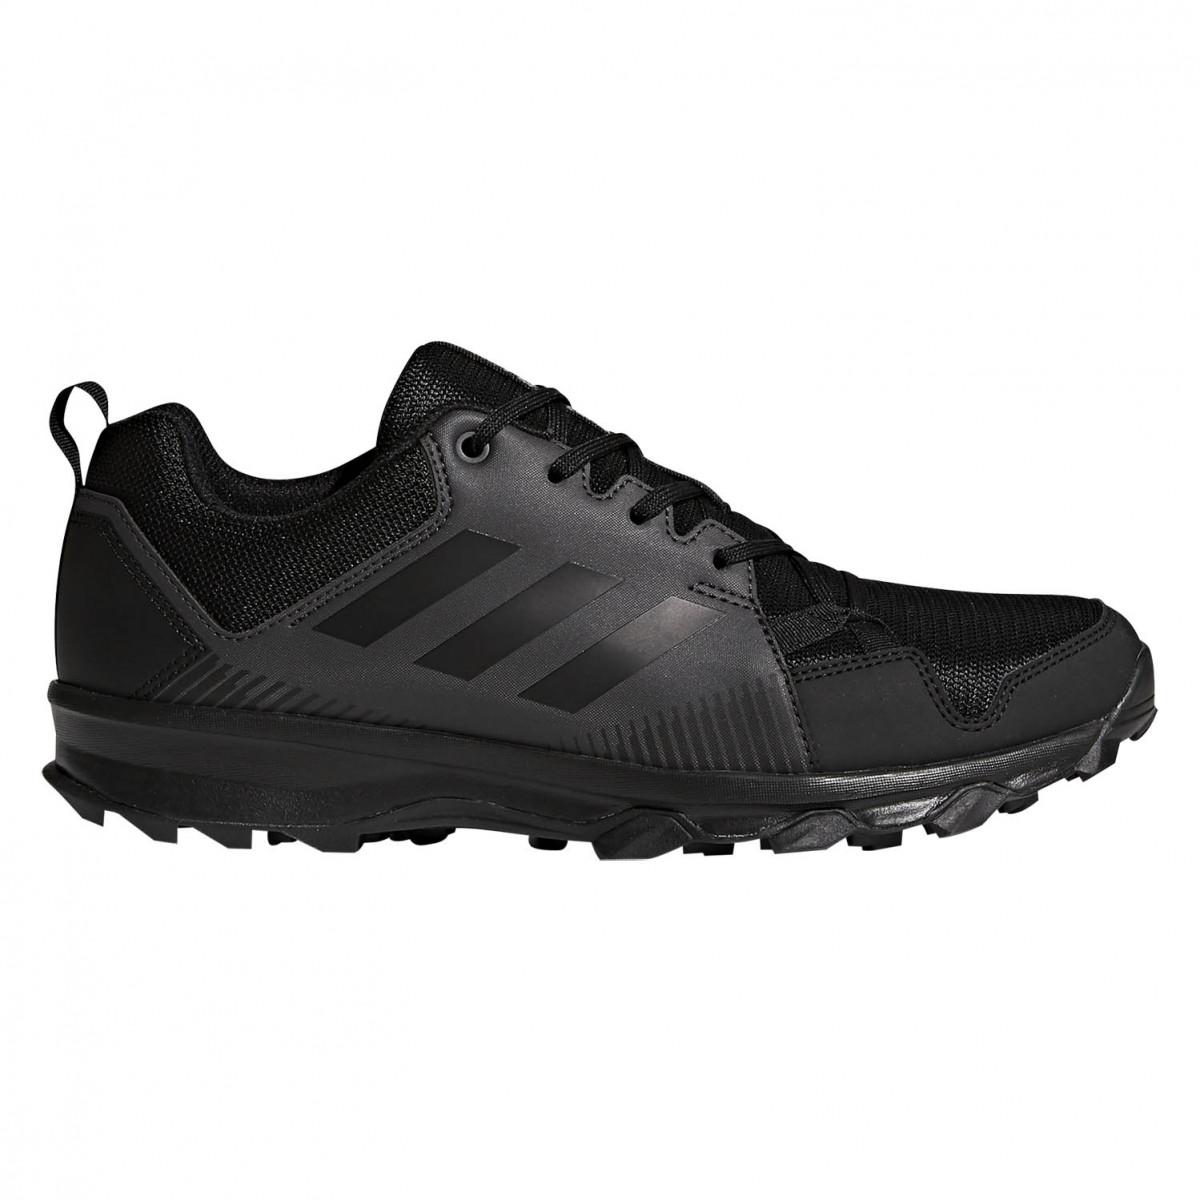 Zapatillas Adidas Terrex Tracerocker